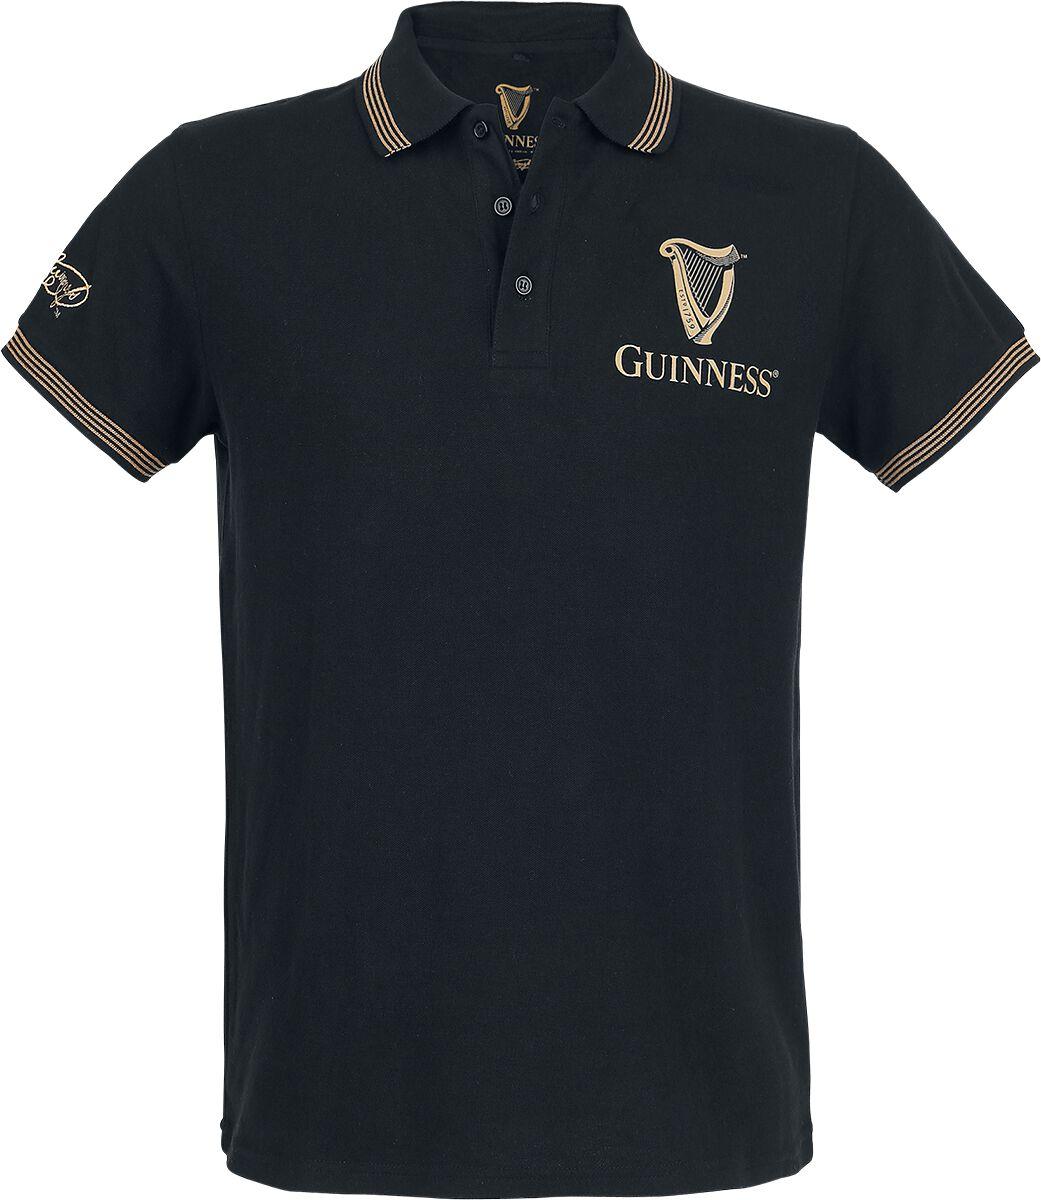 Guinness Guiness Taste Poloshirt schwarz M292763